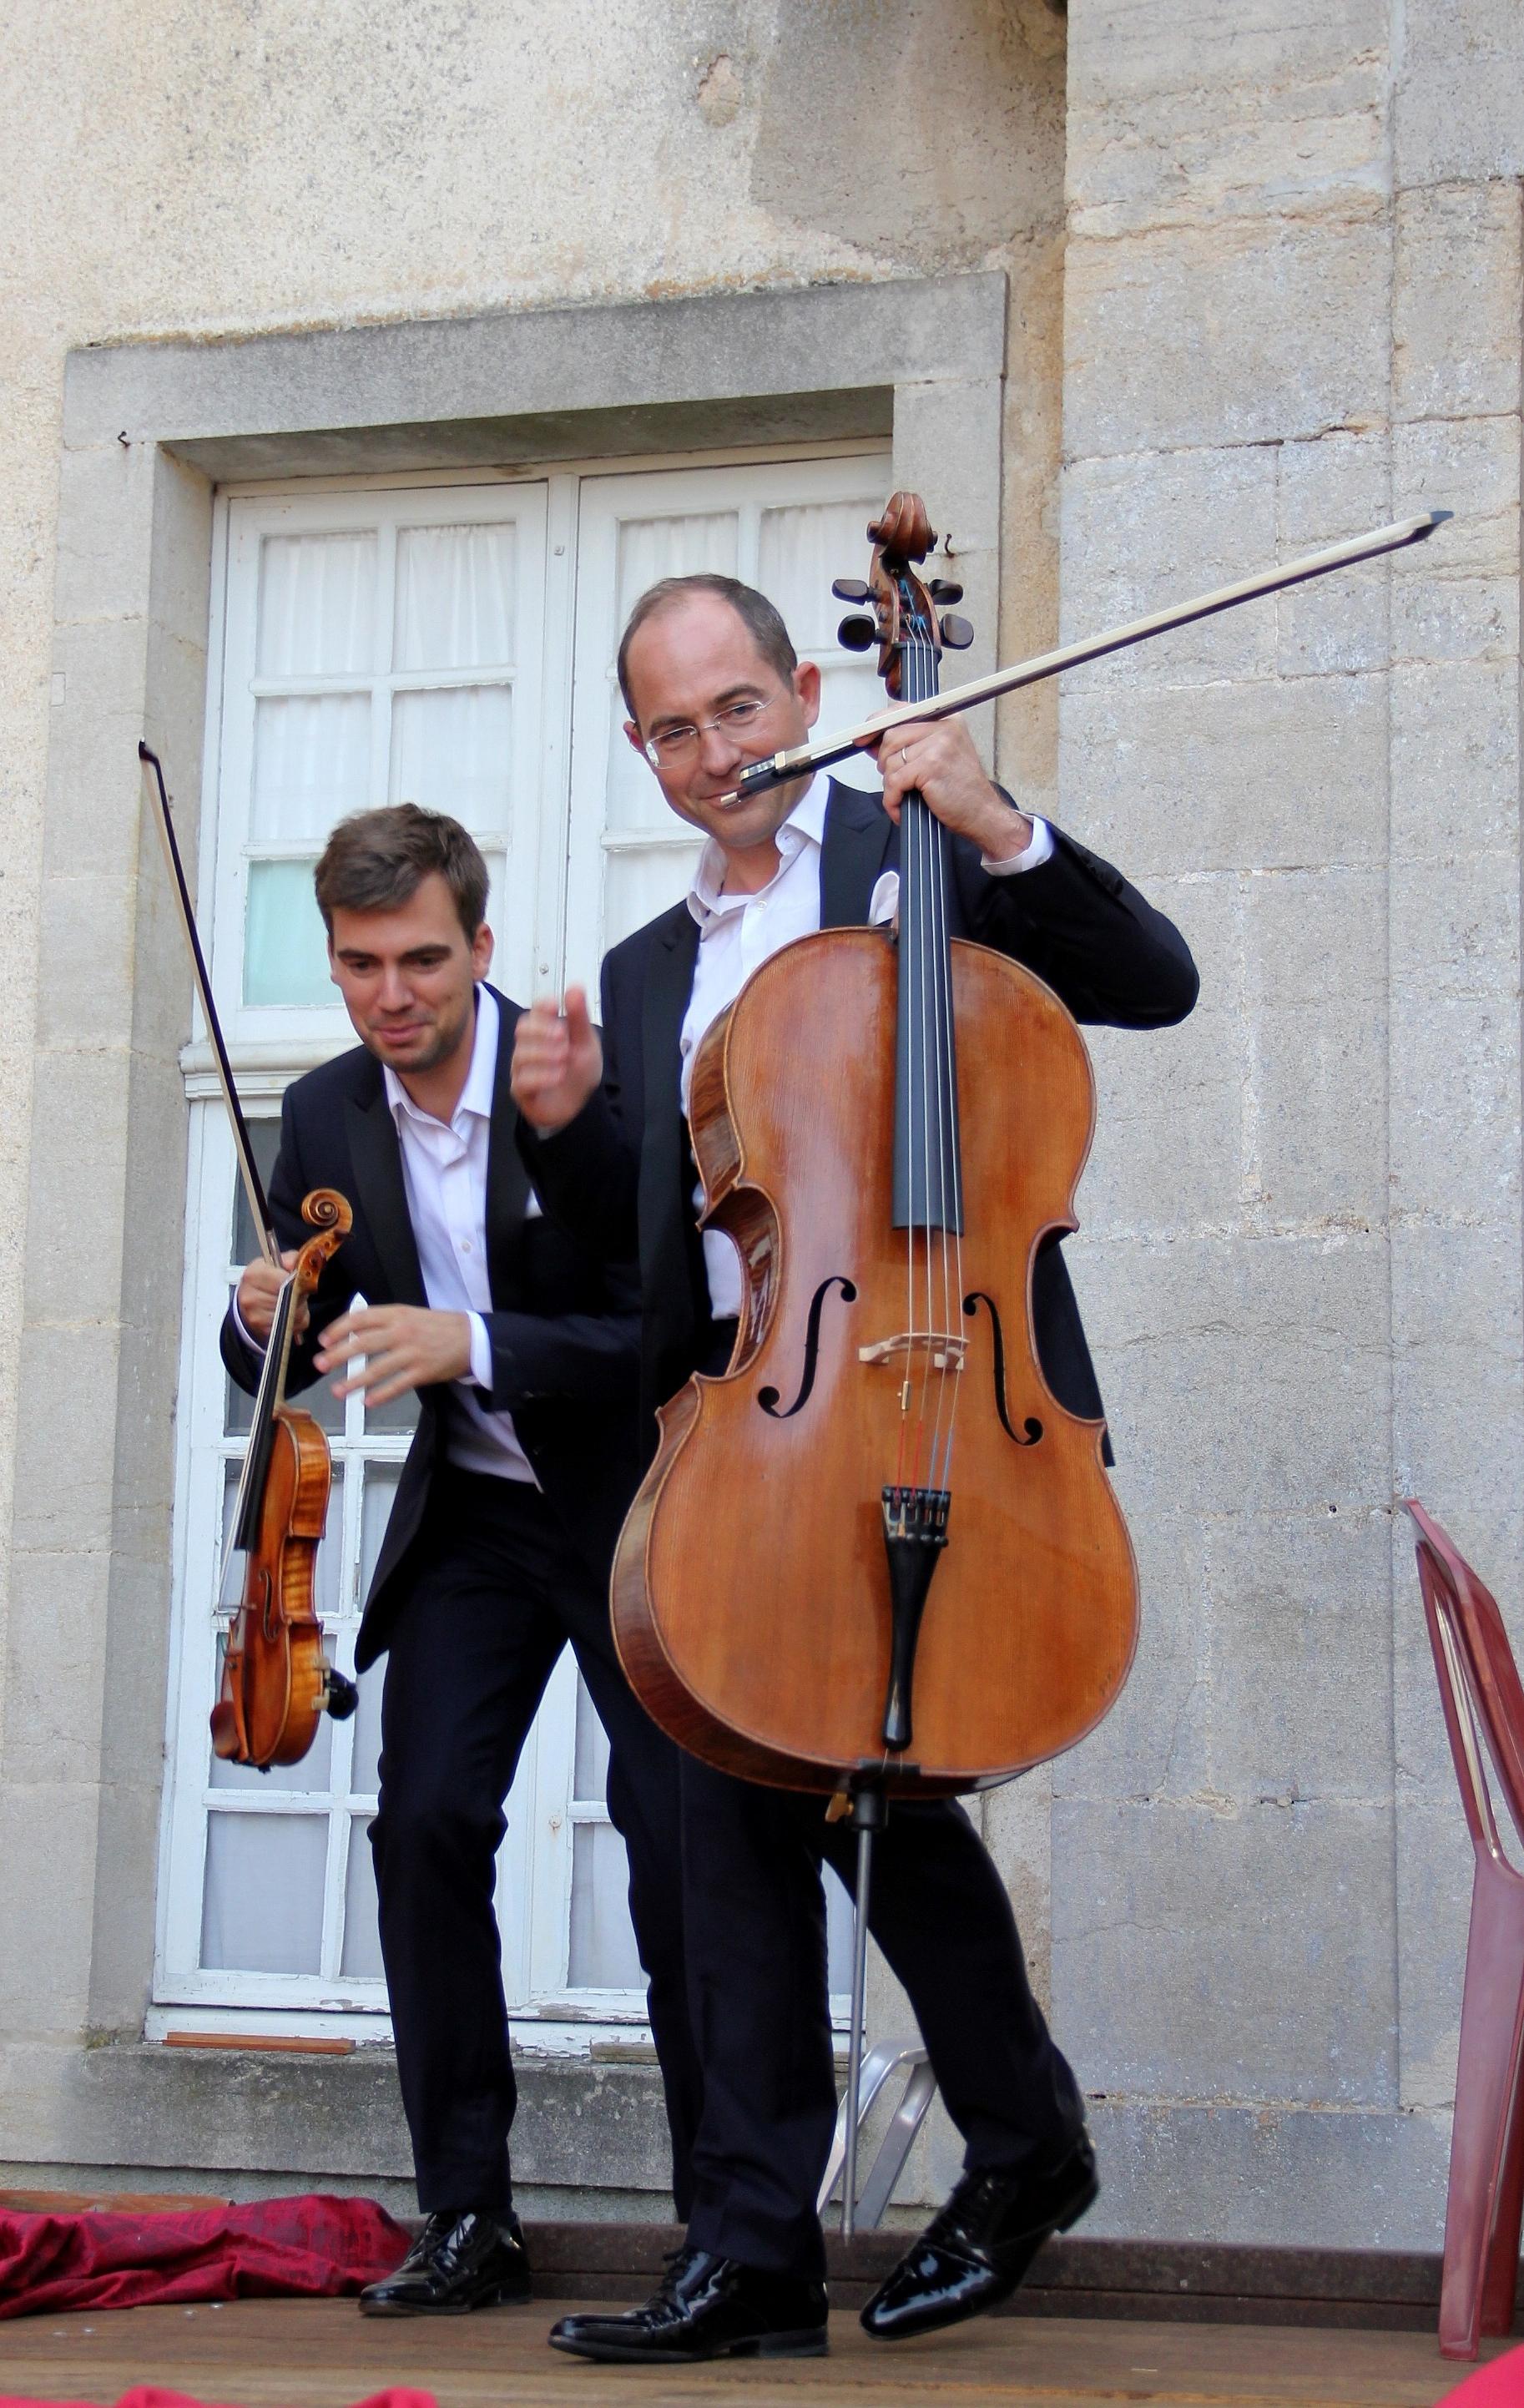 L'arrivée du Trio Chausson sur scène, pour son concert